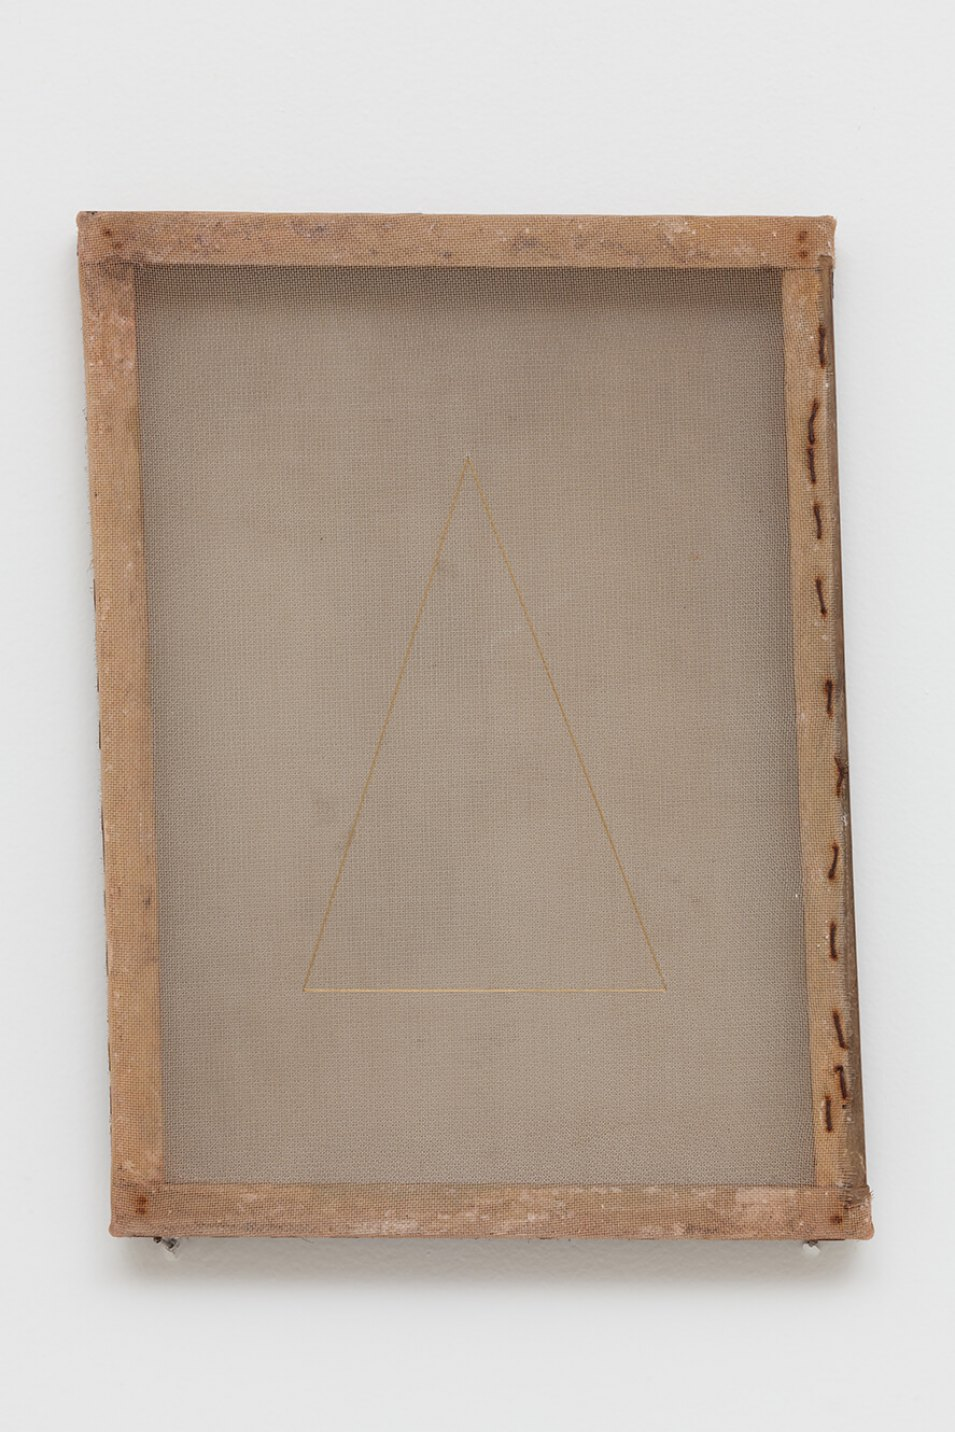 Paloma Bosquê,<em>Delta</em>, 2015/2016, translucent canvas, wire mesh and lurex threads, 38 × 28 cm - Mendes Wood DM